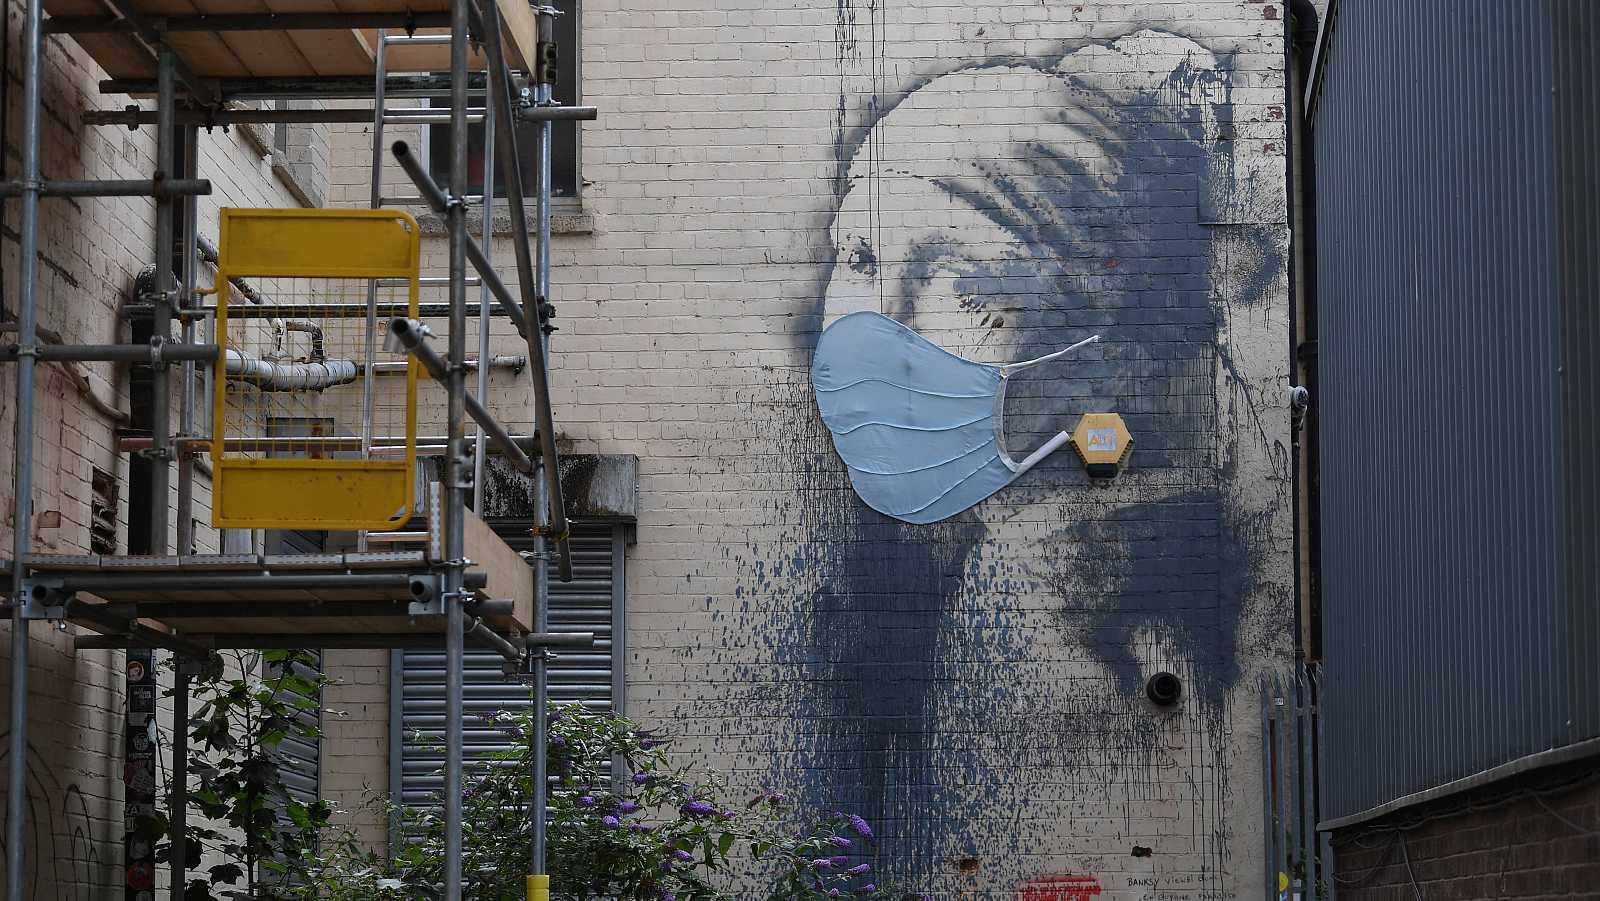 14 horas - 50 obras del artista británico Banksy llegan al Círculo de Bellas Artes de Madrid - Escuchar ahora